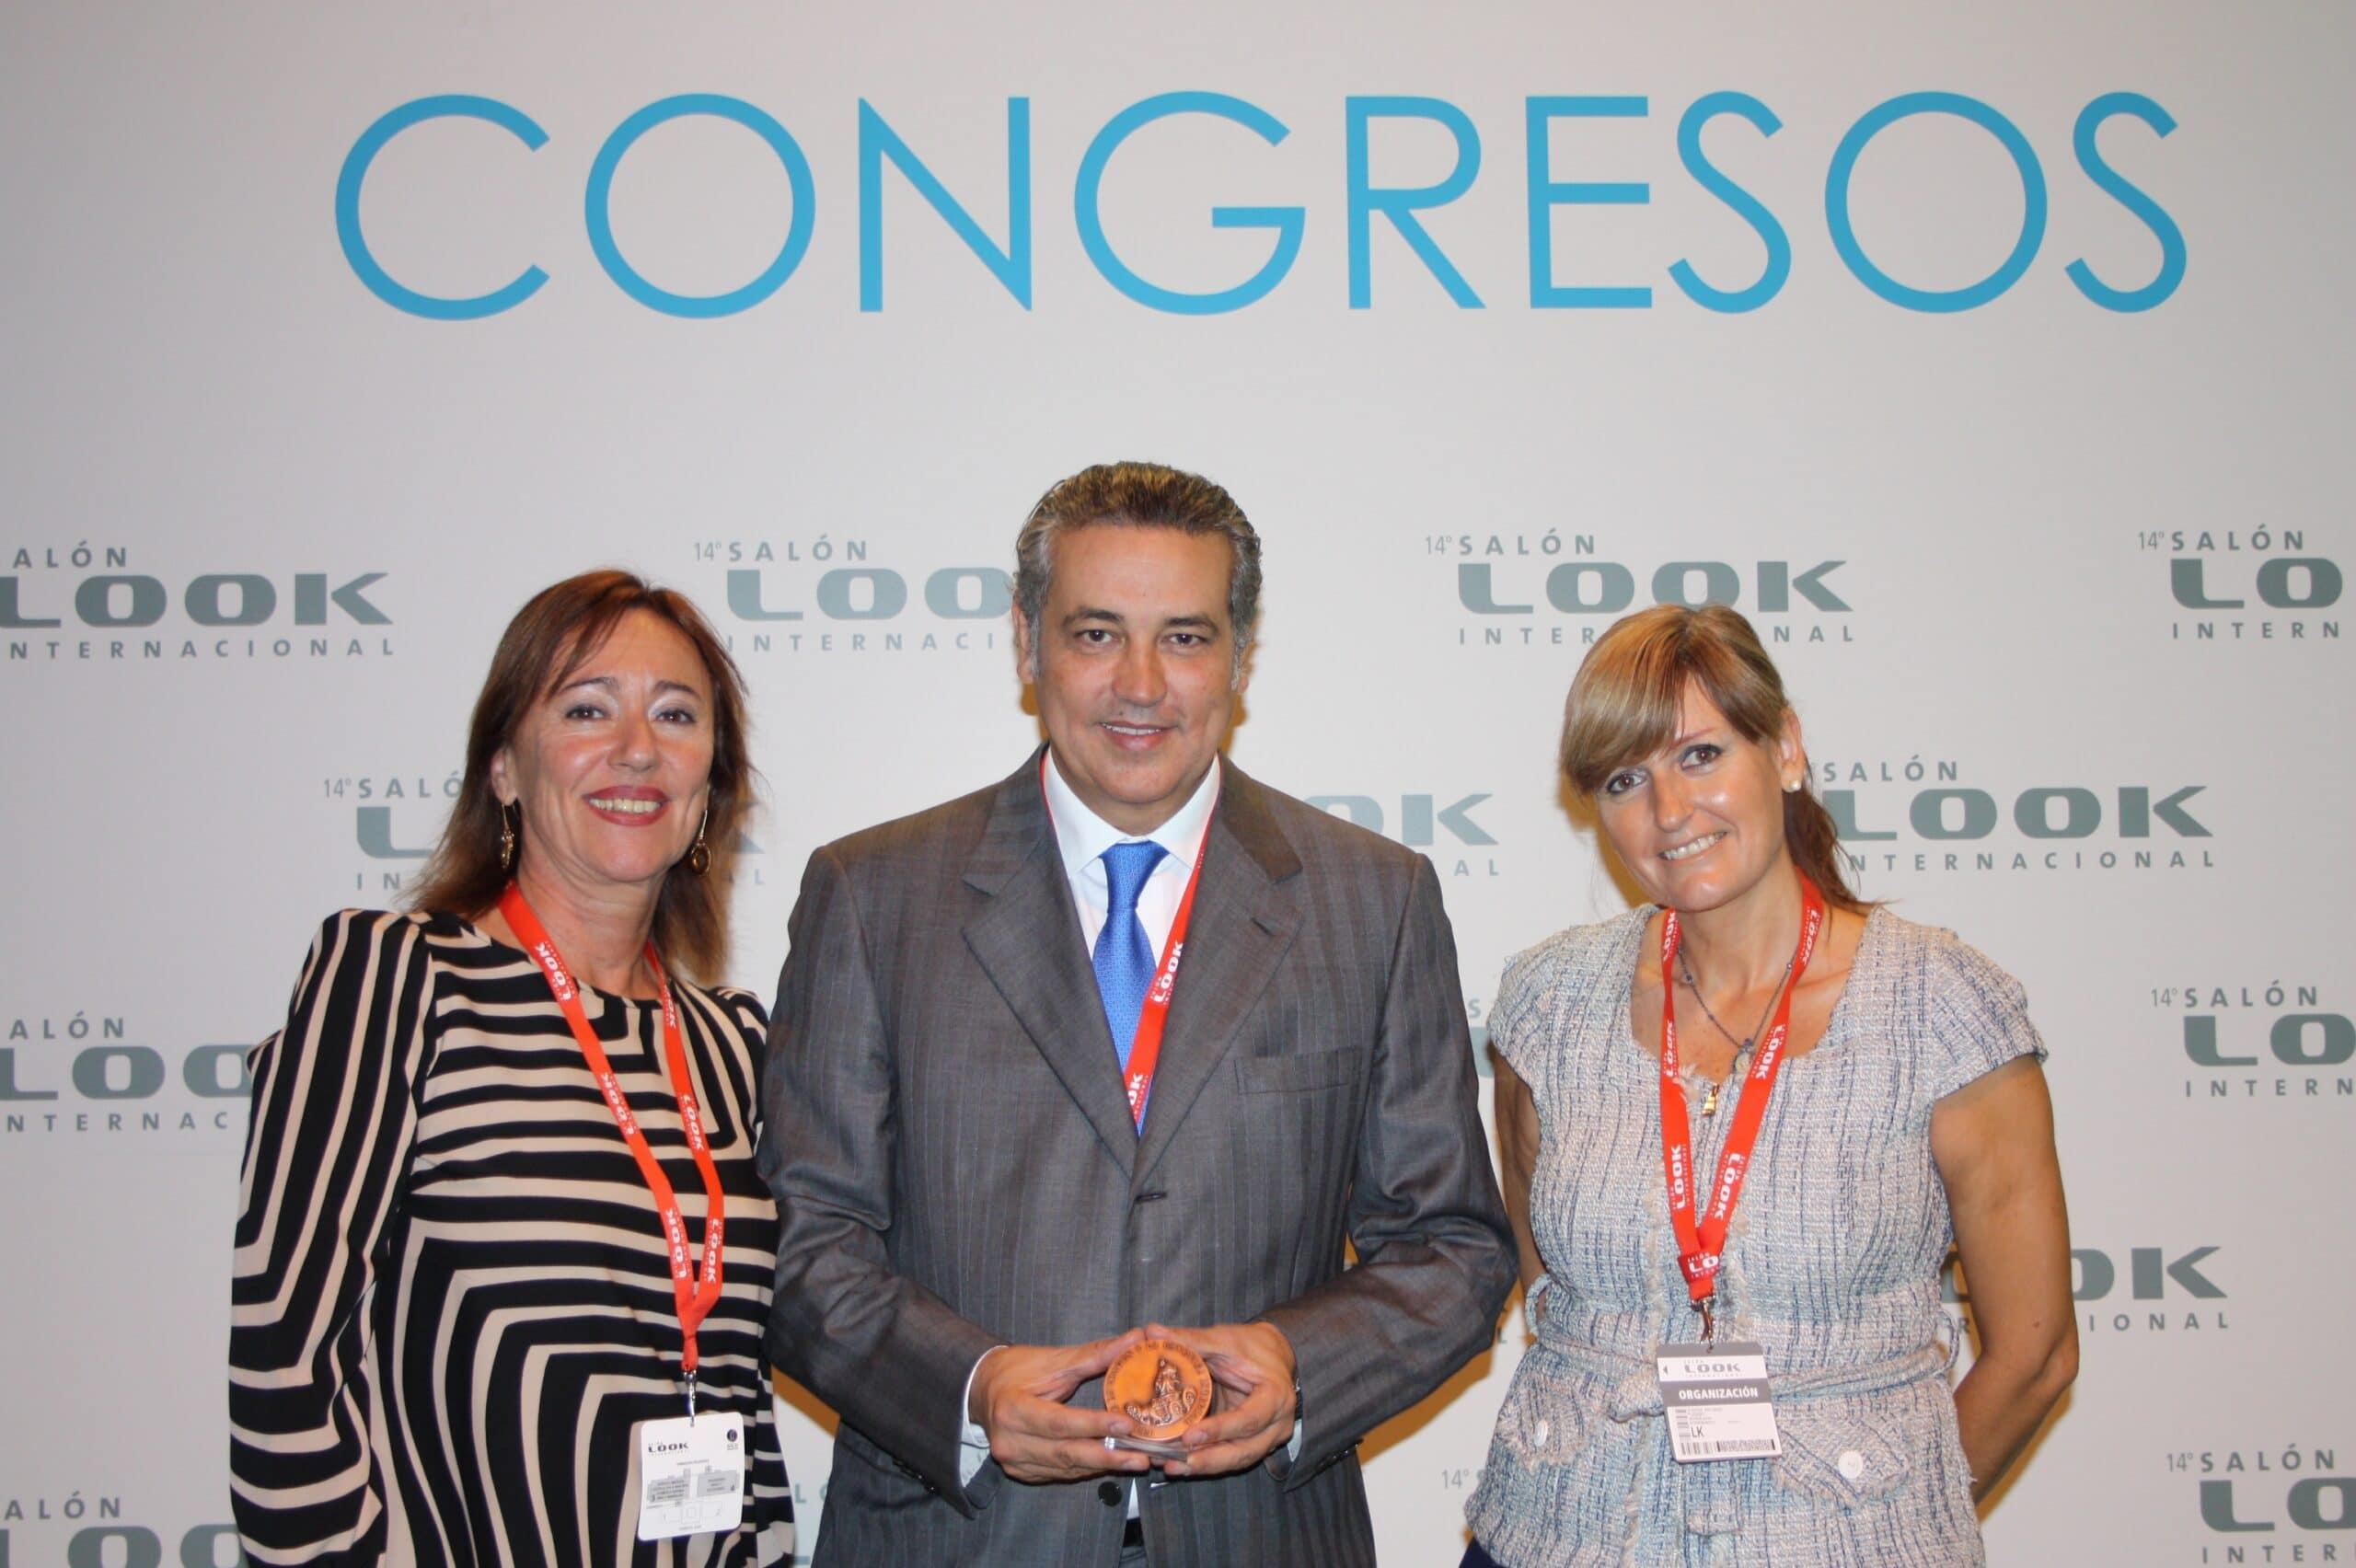 De izquierda a derecha: María José Caldentey, Editora y Directora General de Estheticworld & Spa, Jorge Planas y Susana Salvadó, comisaria del congreso.